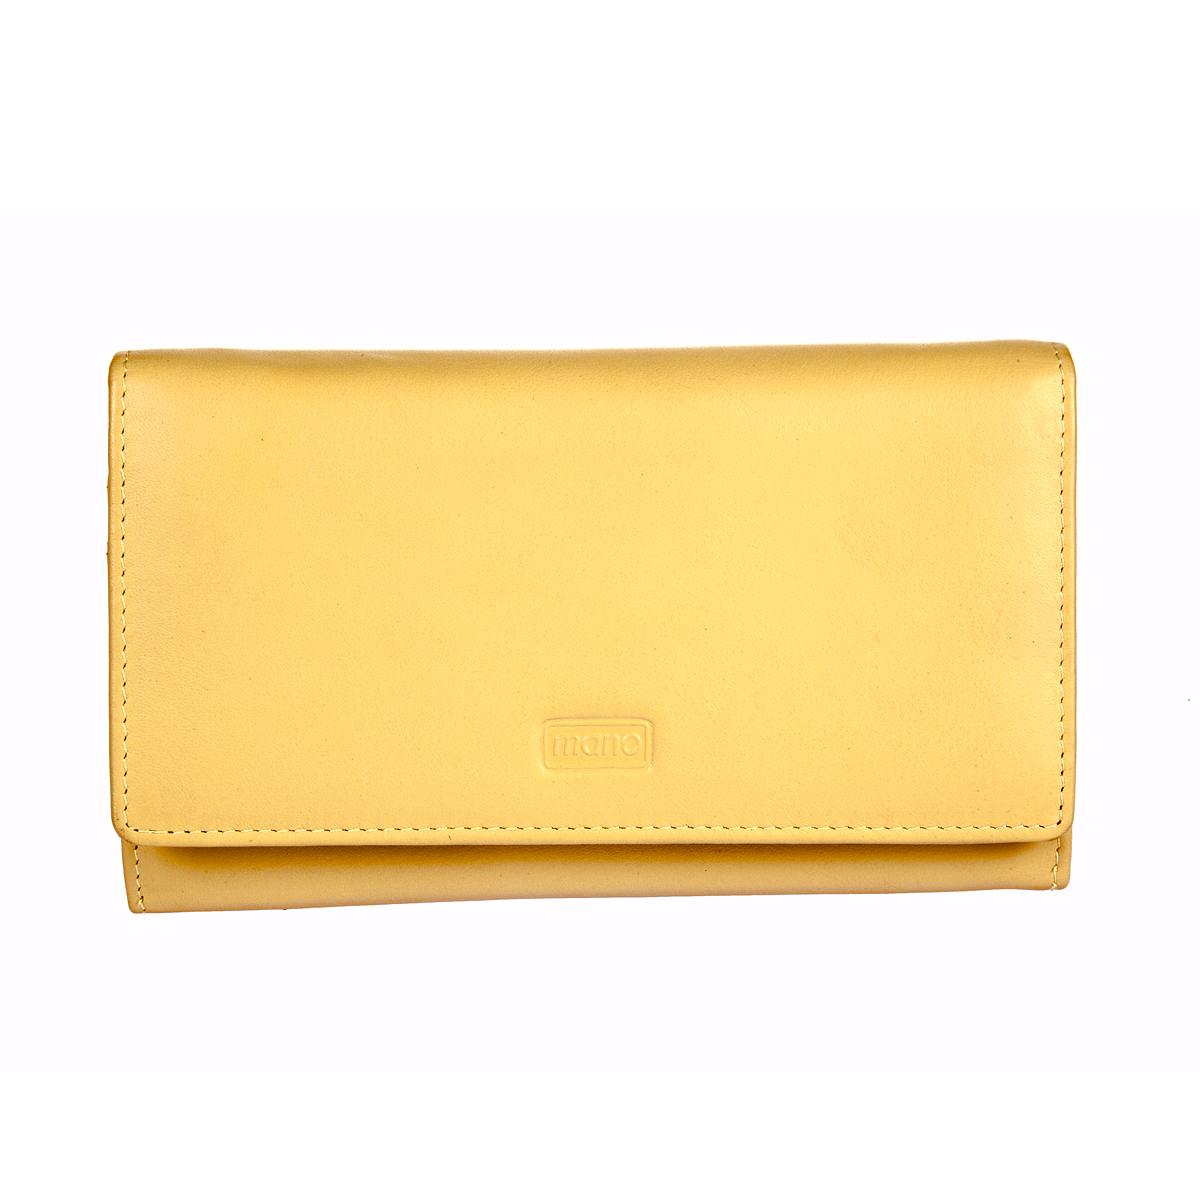 Кошелек женский Mano, цвет: желтый. 13407 SETRU yellow13407 SETRU yellowЗакрывается клапаном на кнопке внутри три отдела для купюр двойное отделение для мелочи закрывается на ориганильный замок потайной карман на молнии четыре кармана для документов пять кармашков для пластиковых карт сетчатый кармашек снаружи на задней стенке карман на молнии